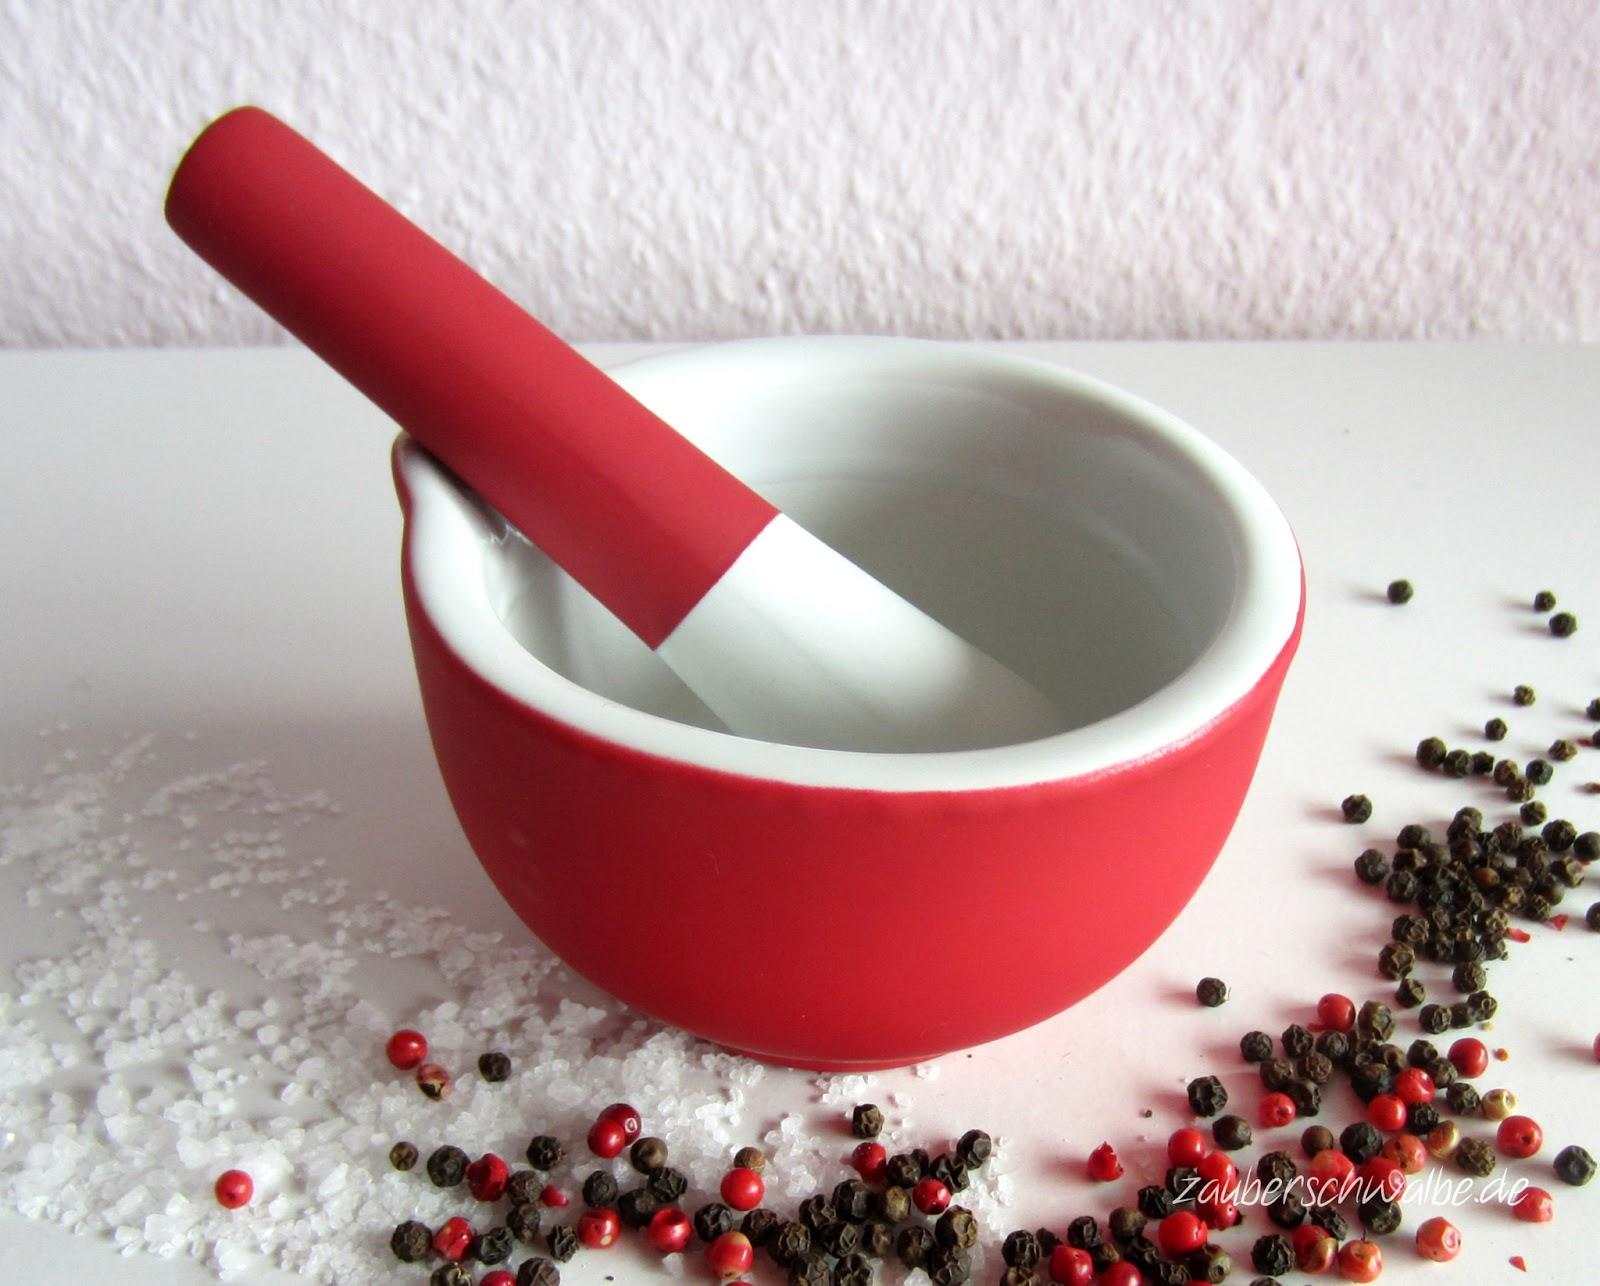 Zauberschwalbe bloggt...: Kleine Küchenhelfer von Home24.de